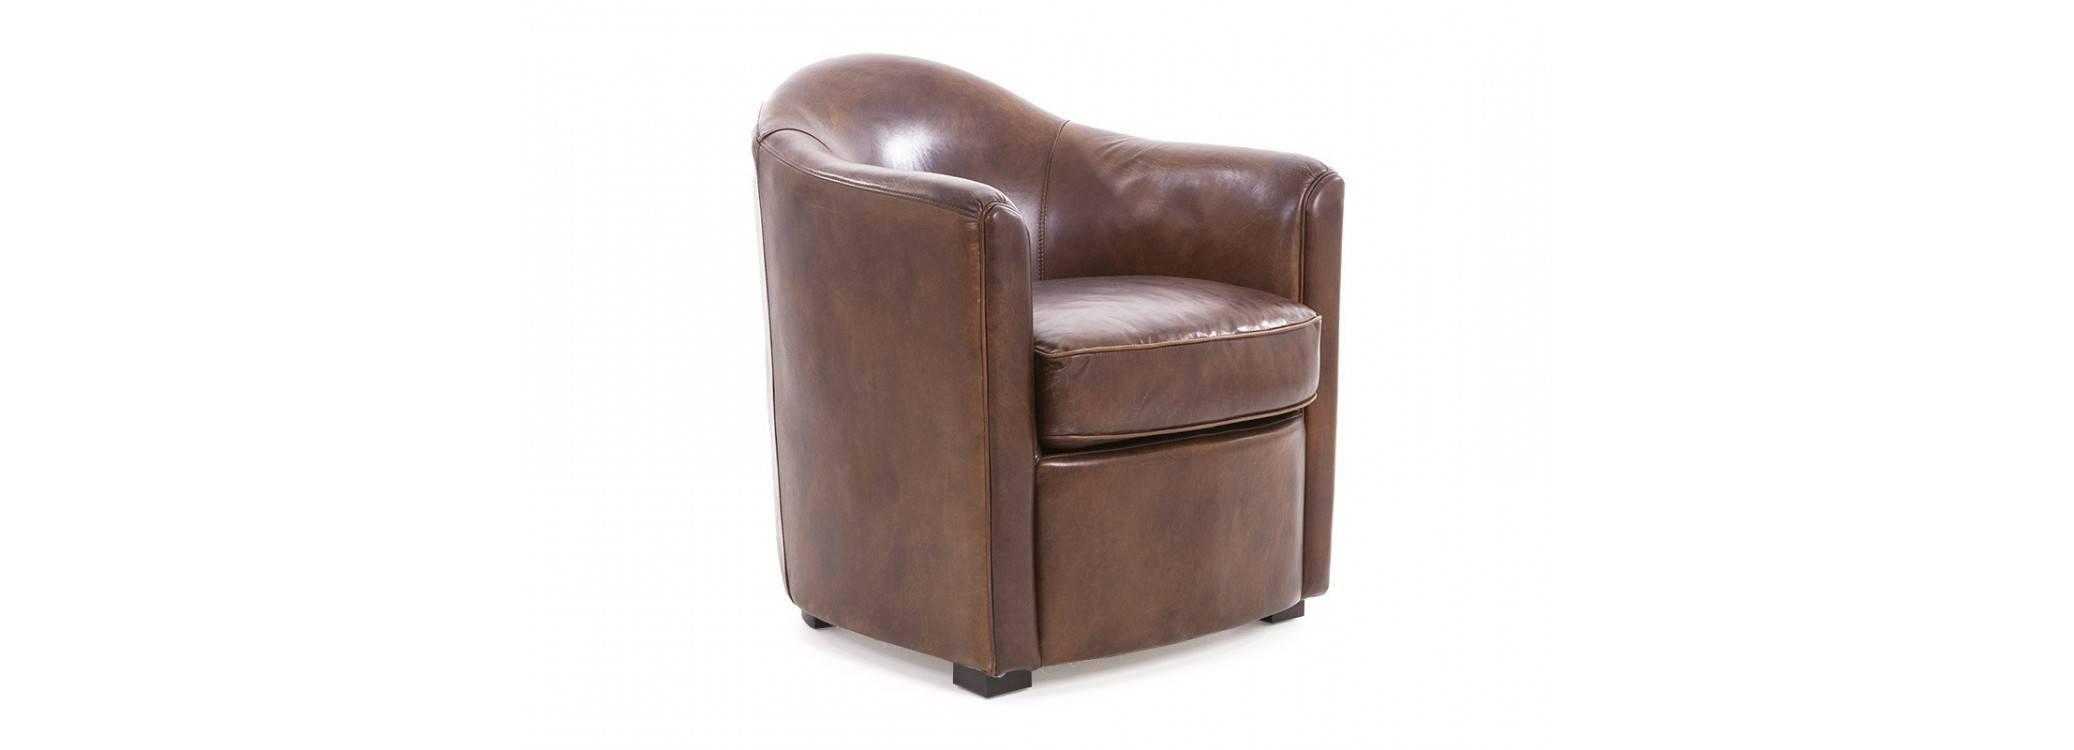 Club Armchair Dumas - Brown leather